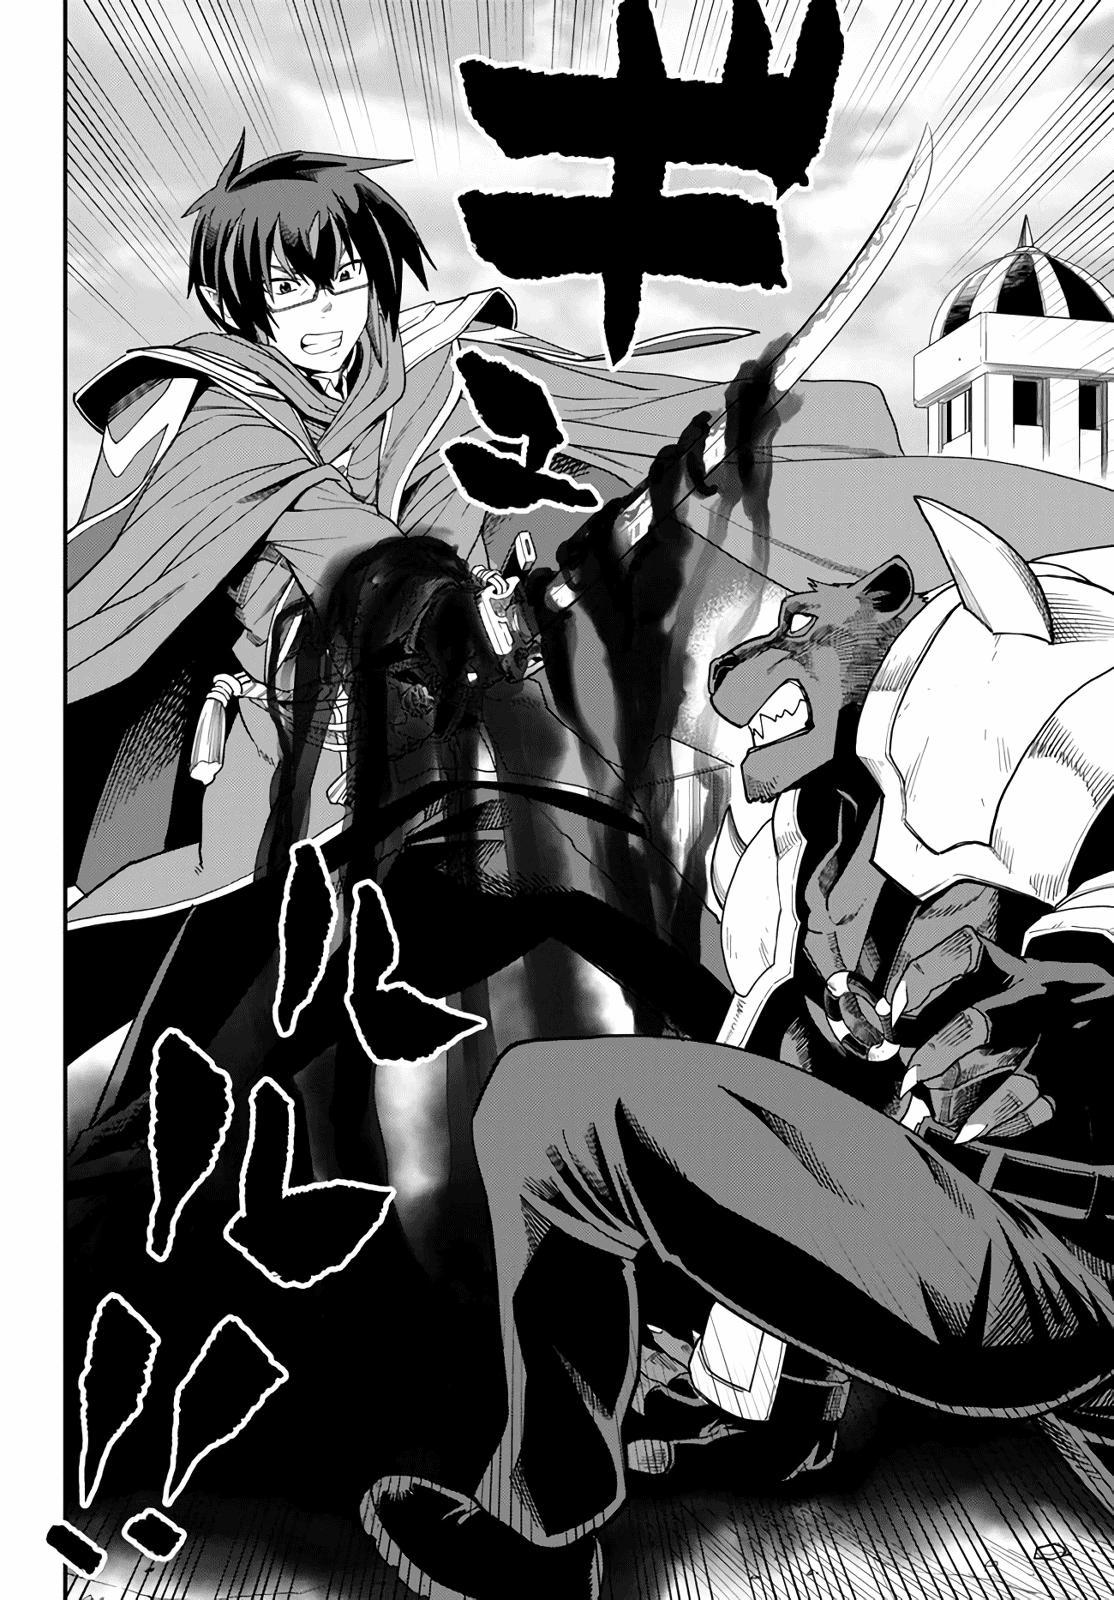 Konjiki No Moji Tsukai - Yuusha Yonin Ni Makikomareta Unique Cheat Chapter 67: Glimpse Of A Hero, Part 2 page 10 - Mangakakalots.com